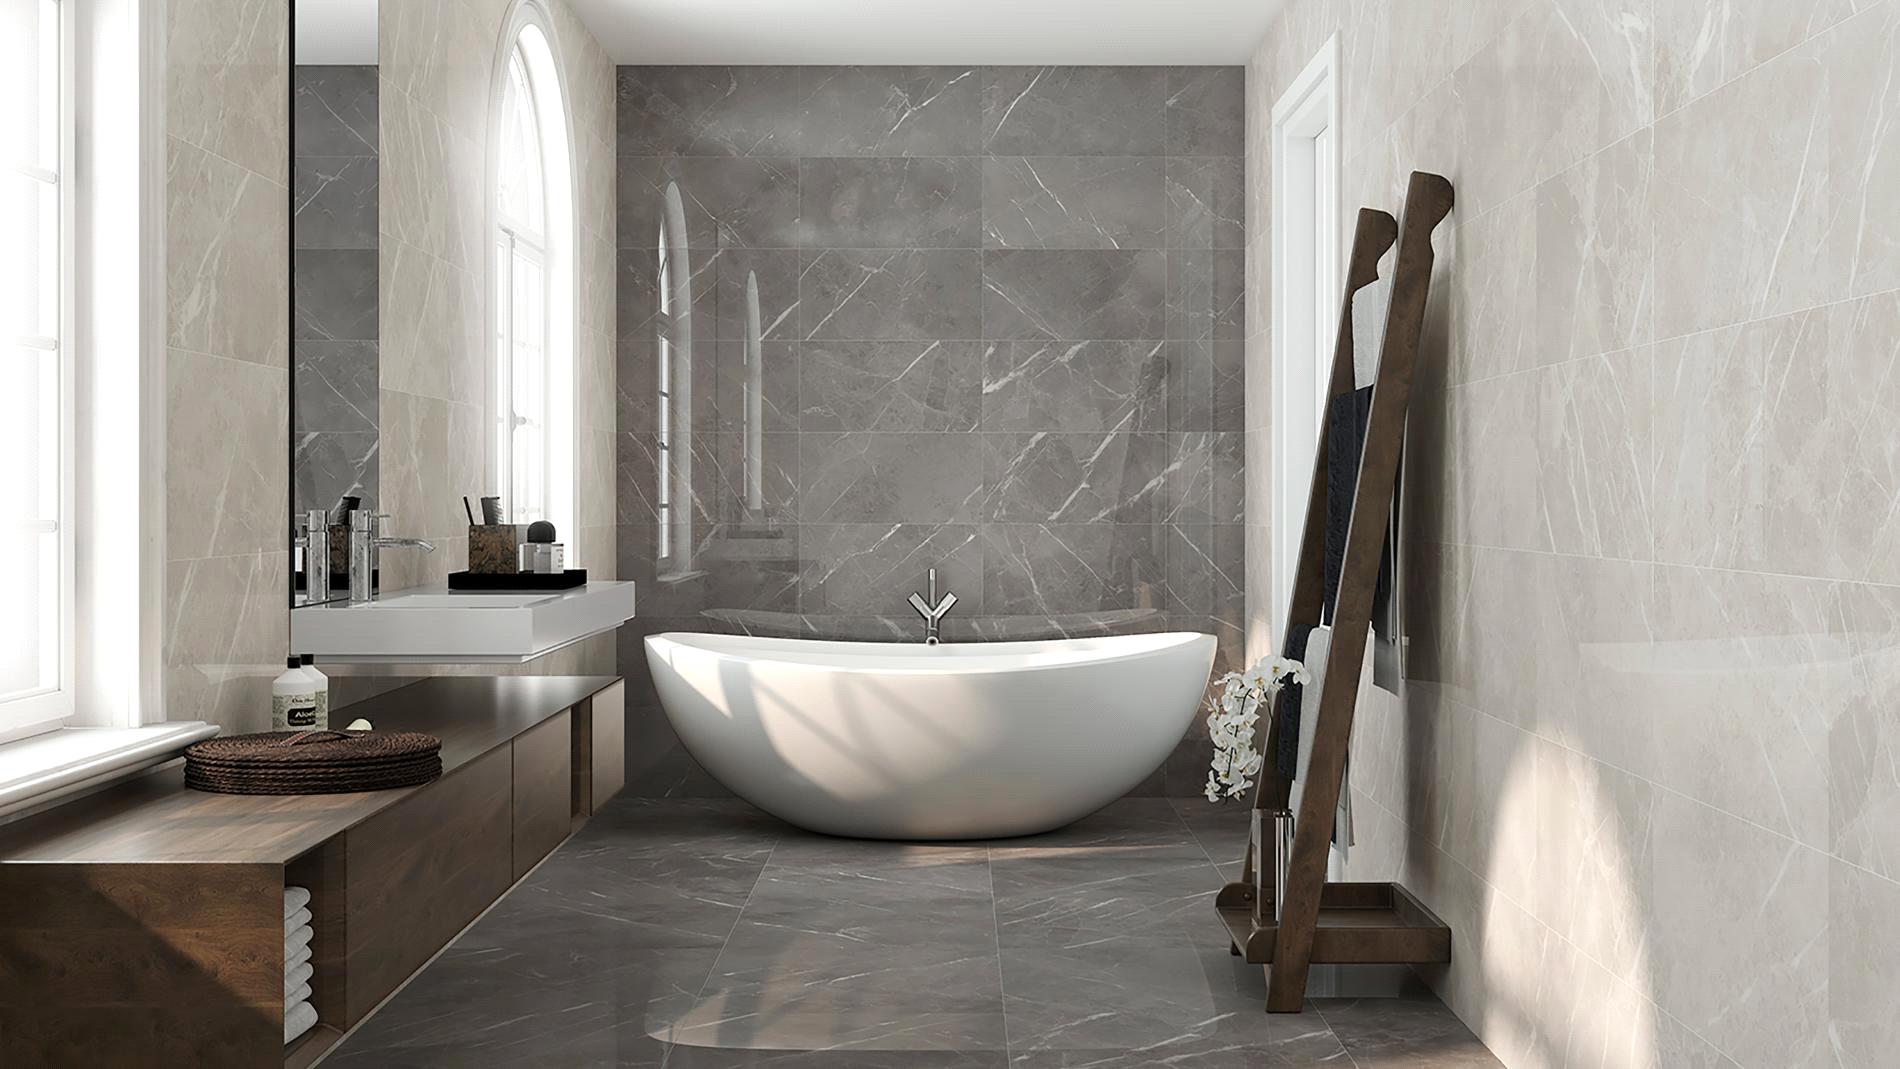 La parfaite salle de bain | Magazine | La Pièce